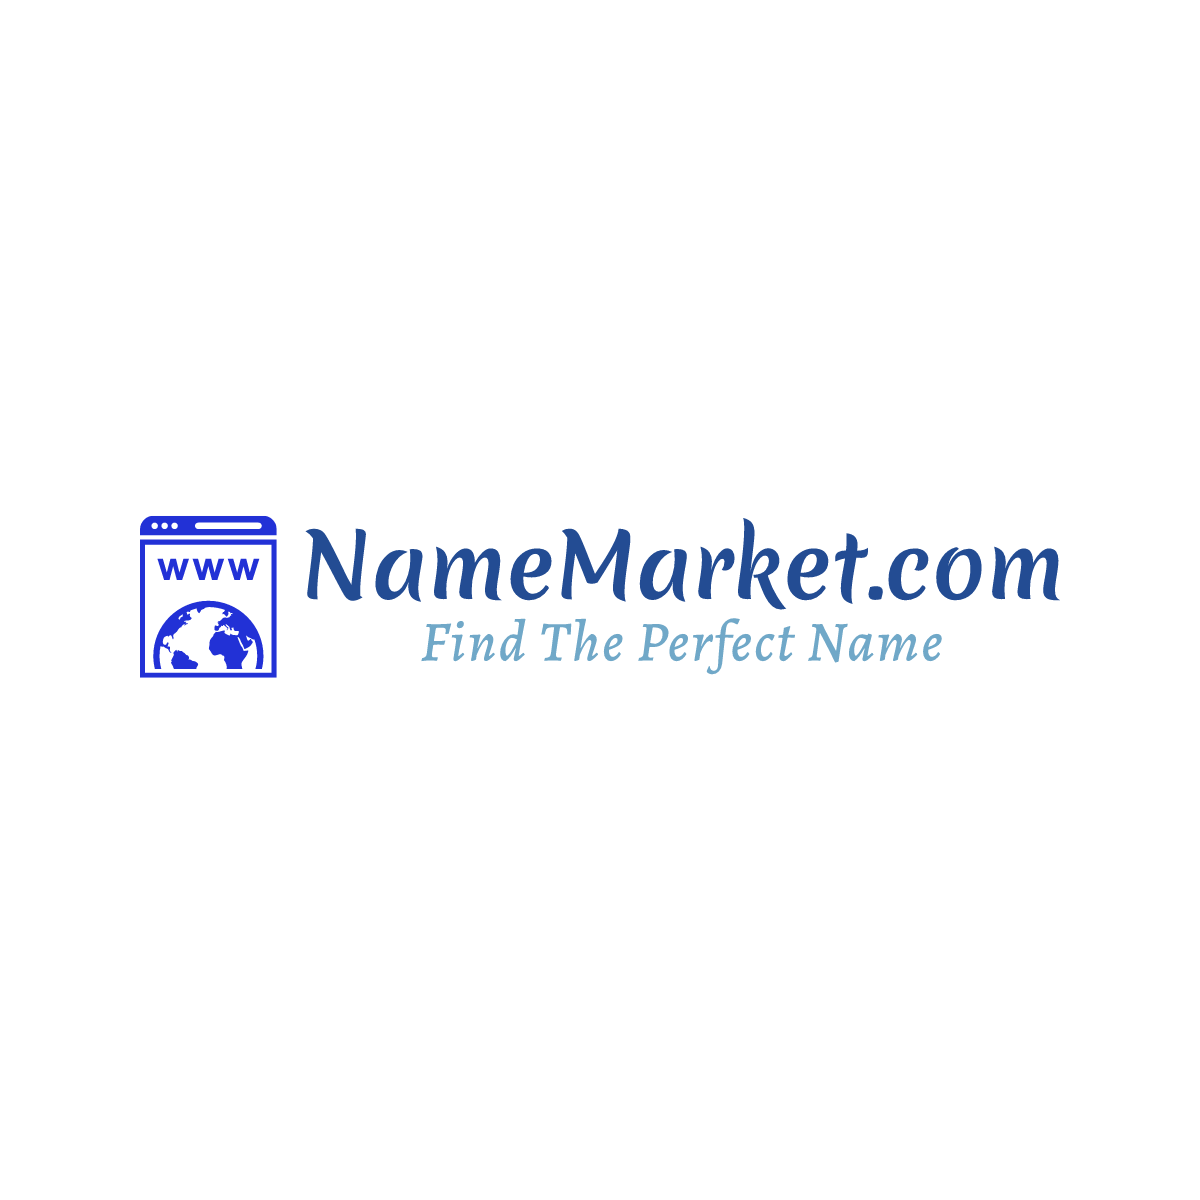 NameMarket.com